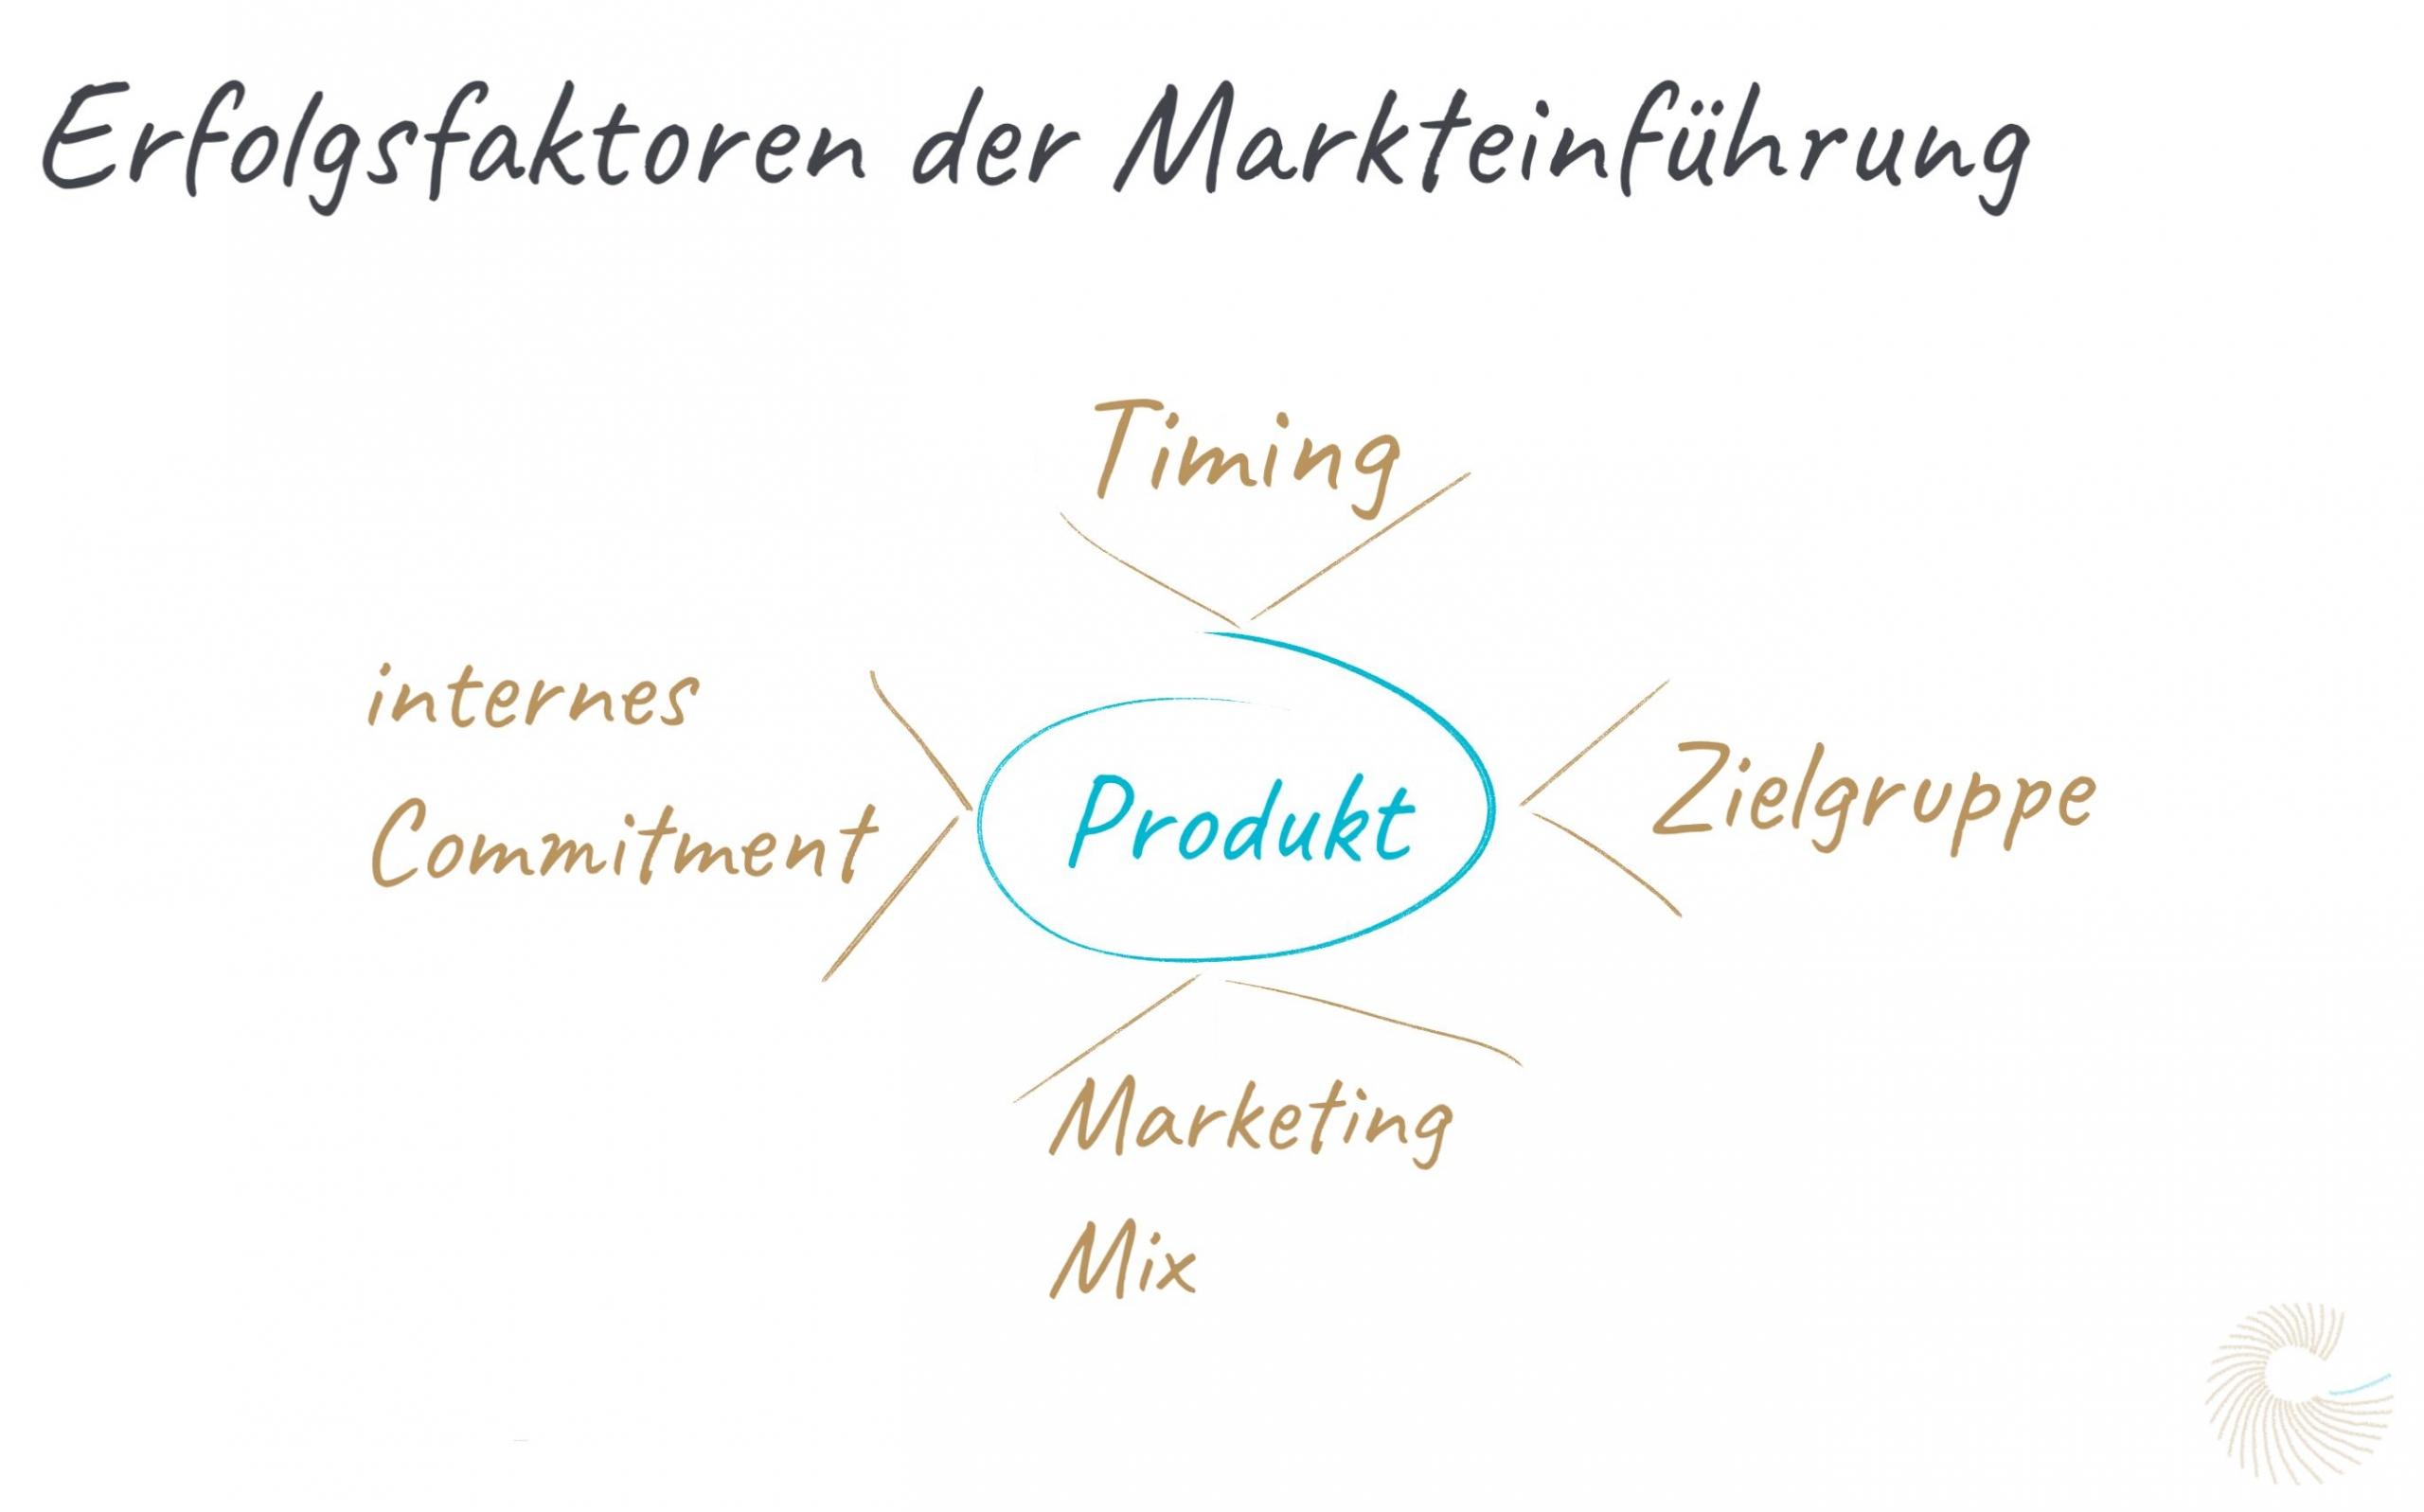 Erfolgsfaktoren der Markteinführung